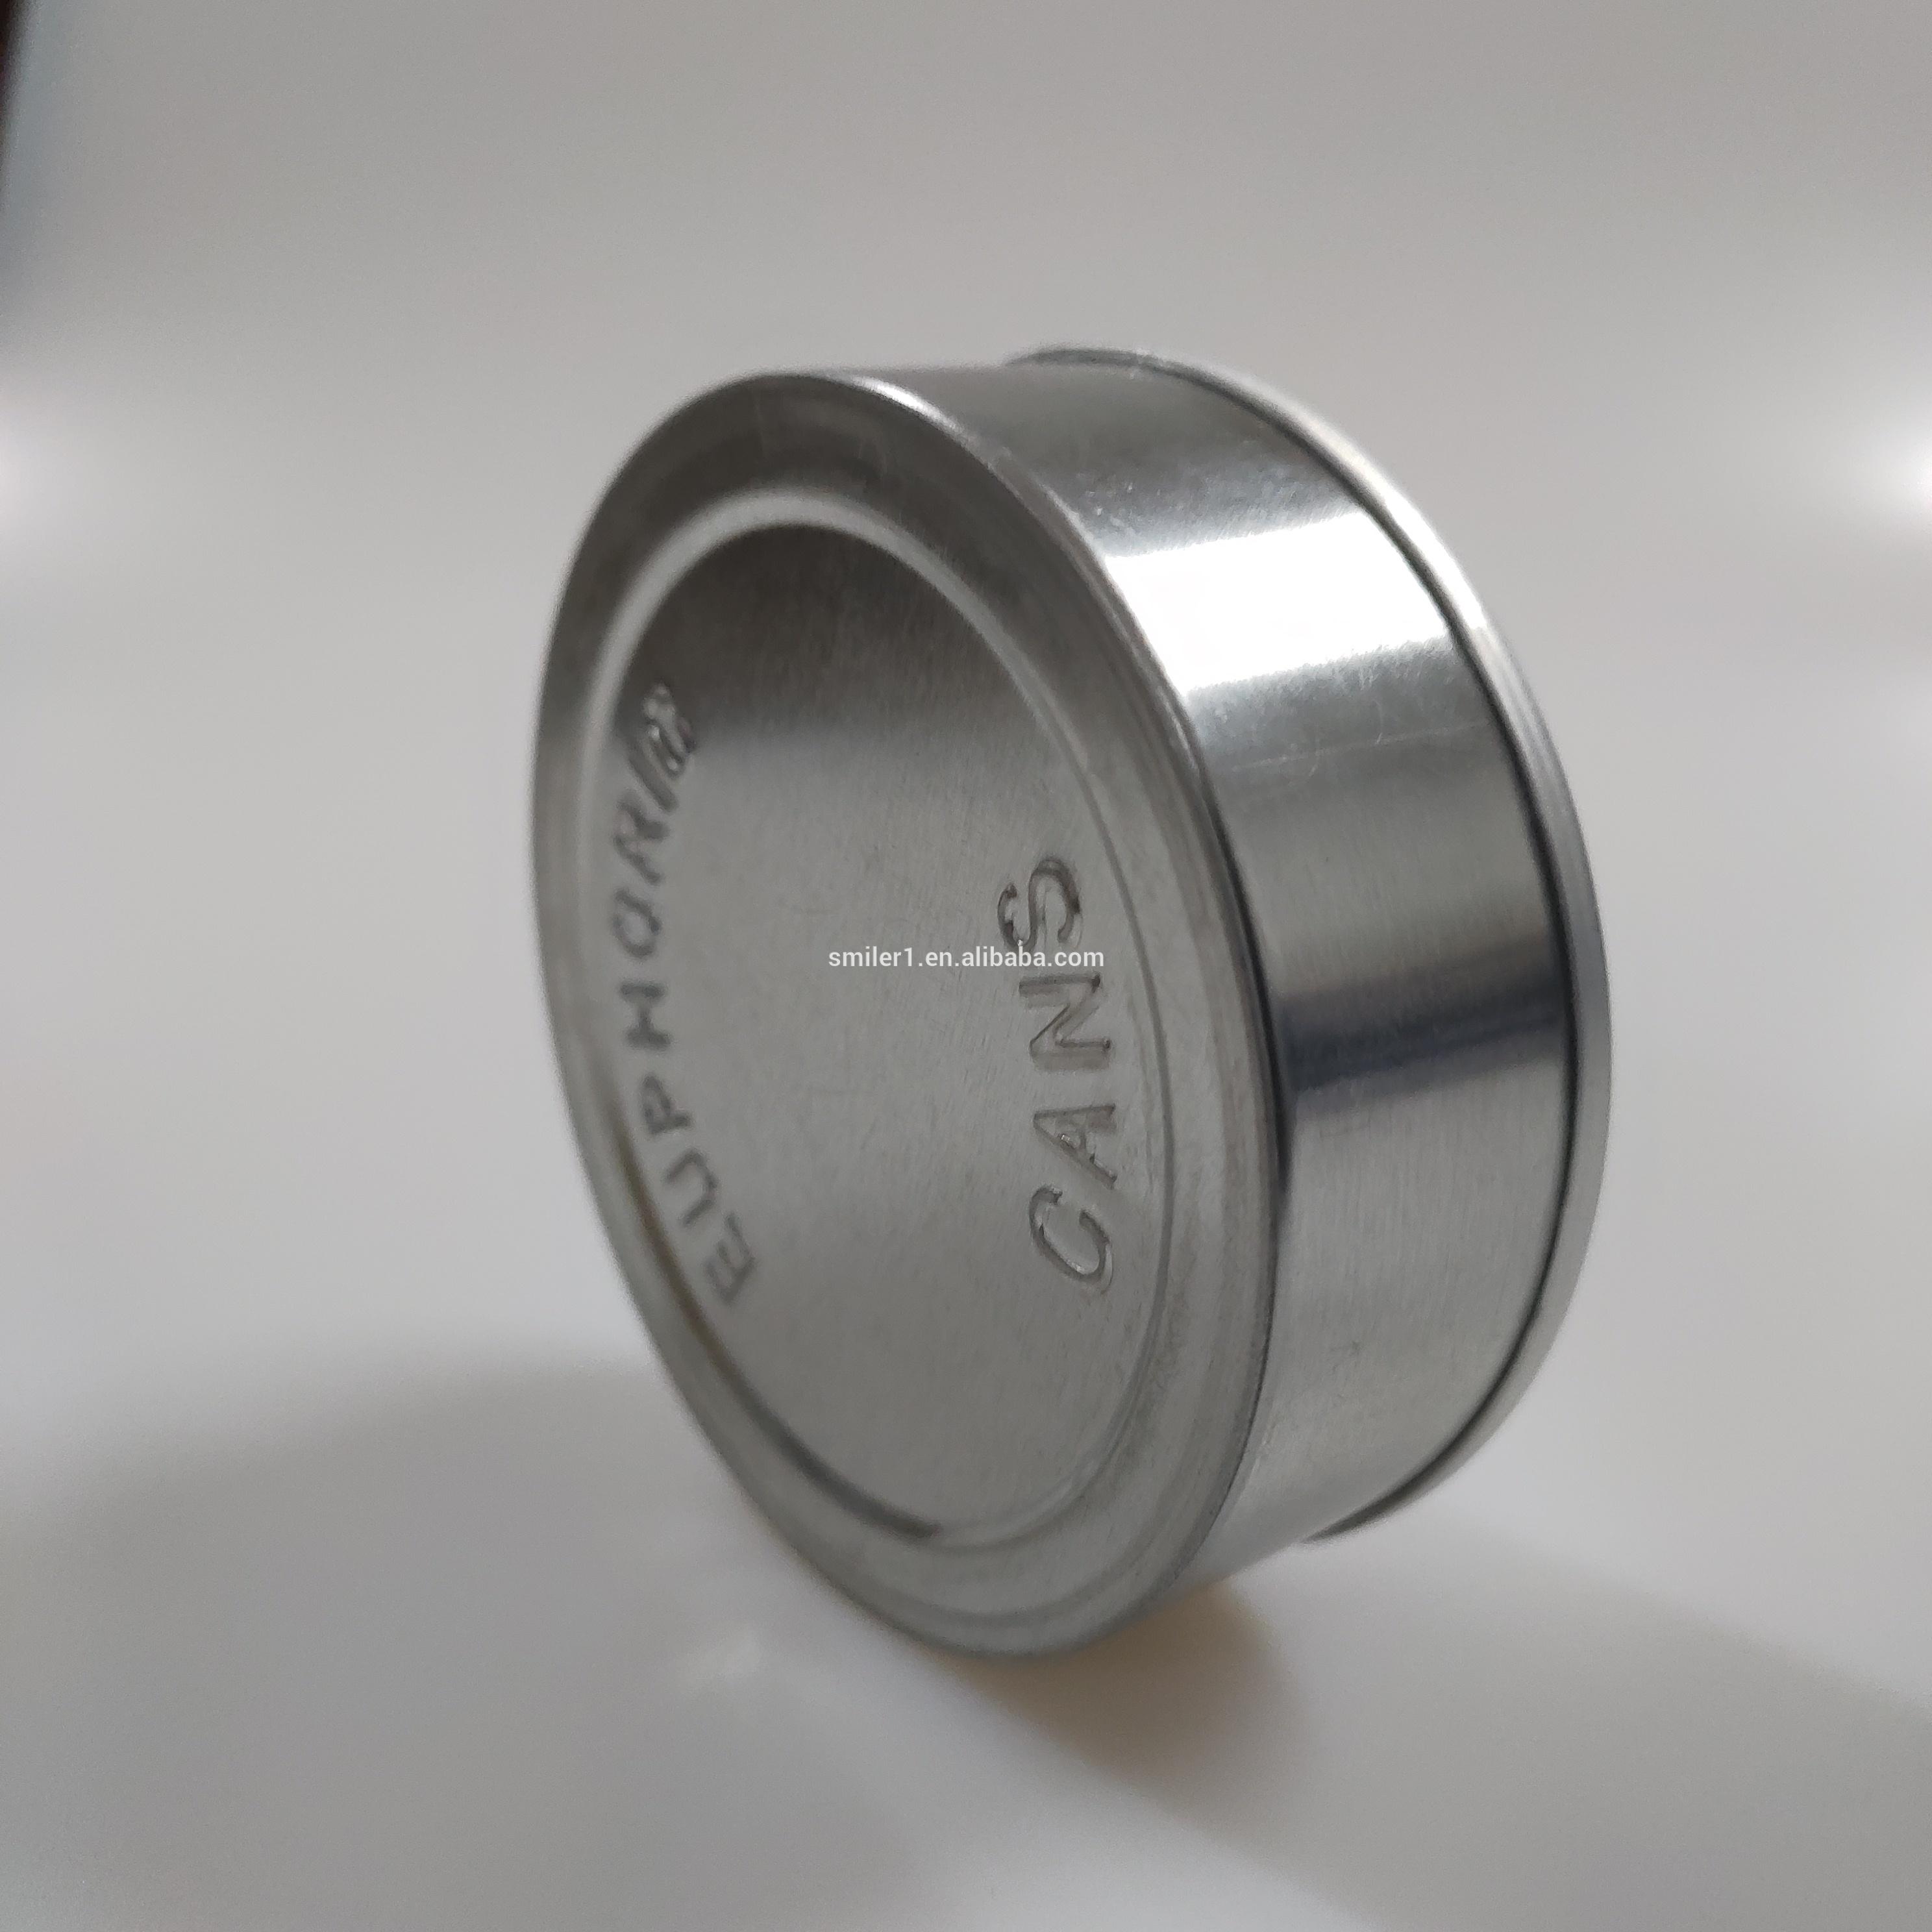 Maintenez hermétique petit bidon argent mince en aluminium boisson coupe 3.5 grammes